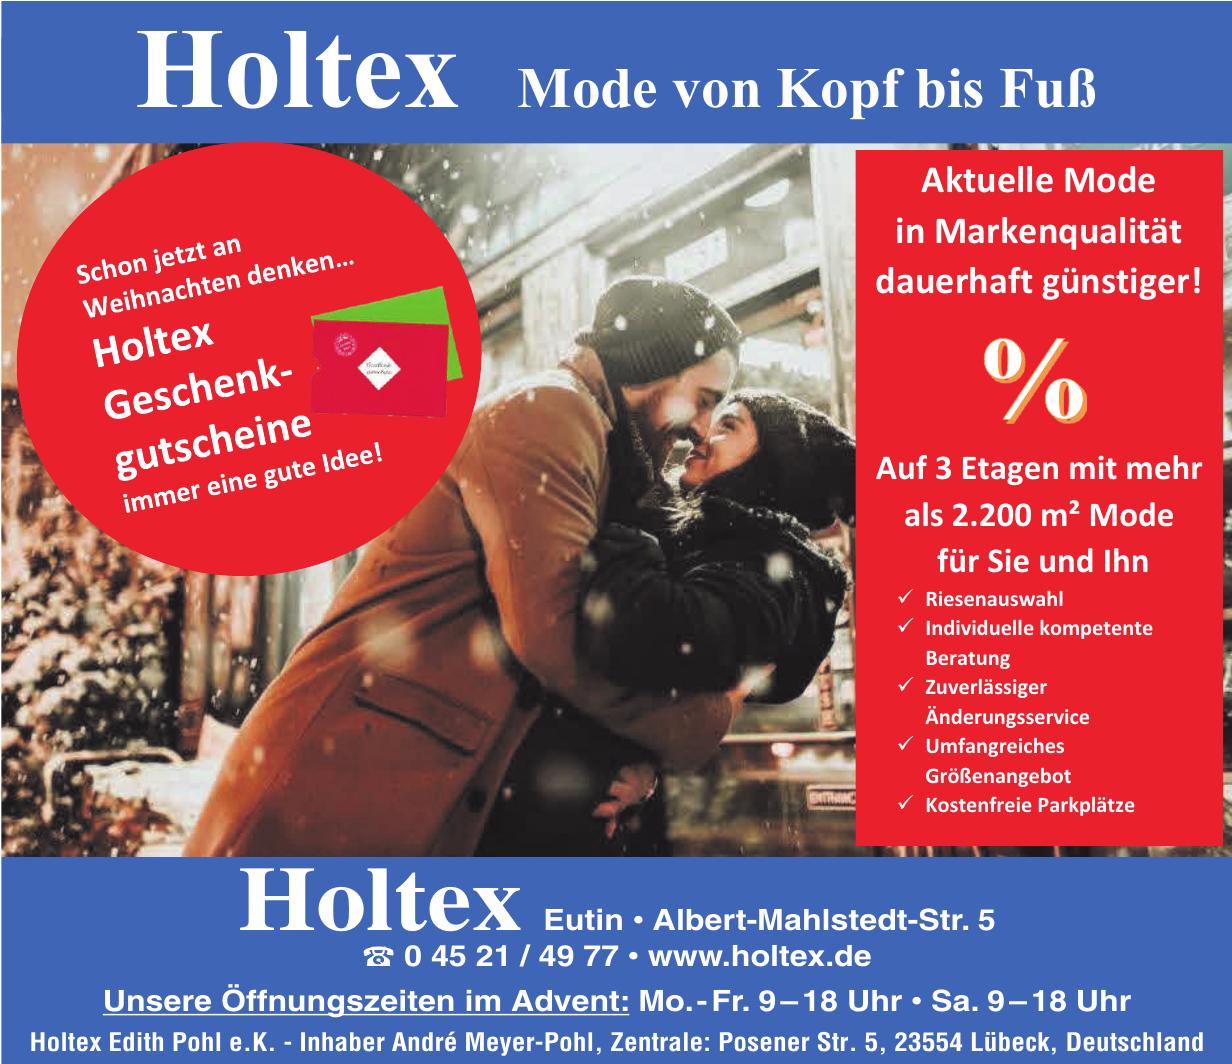 Holtex Edith Pohl e.K.